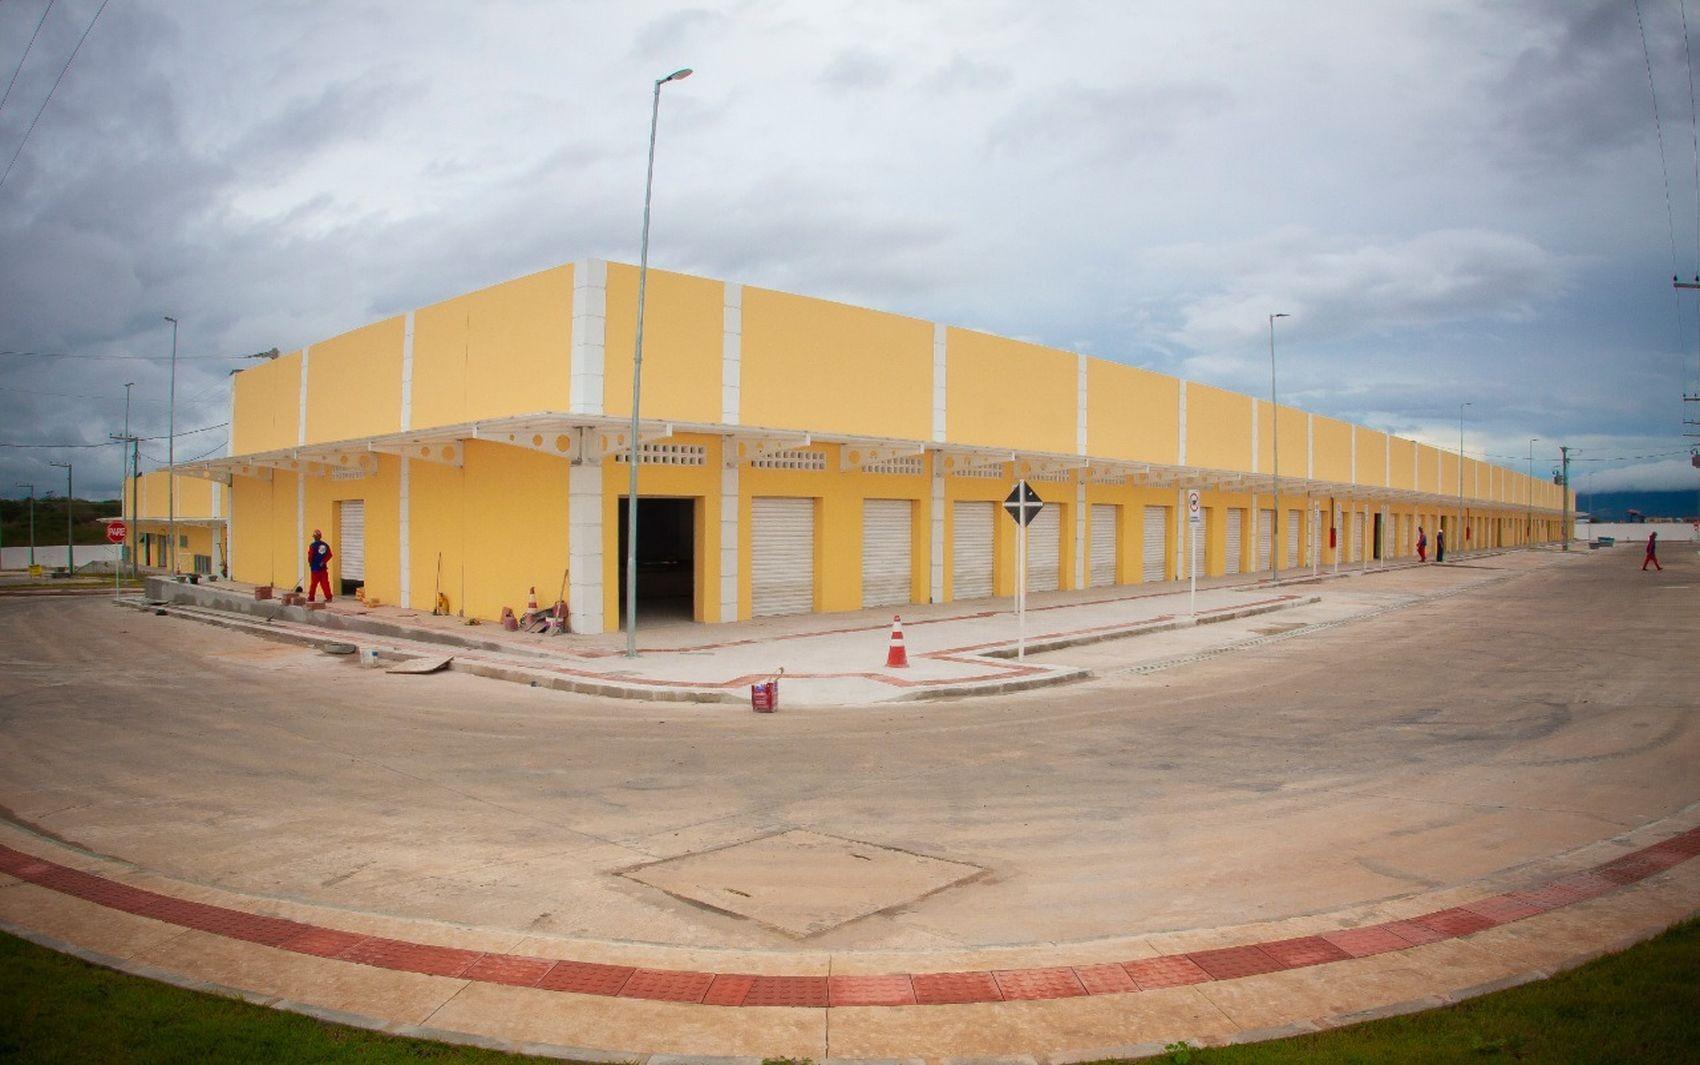 Governo de Sergipe recebe propostas de estruturação da Ceasa de Itabaiana através de edital - Notícias - Plantão Diário